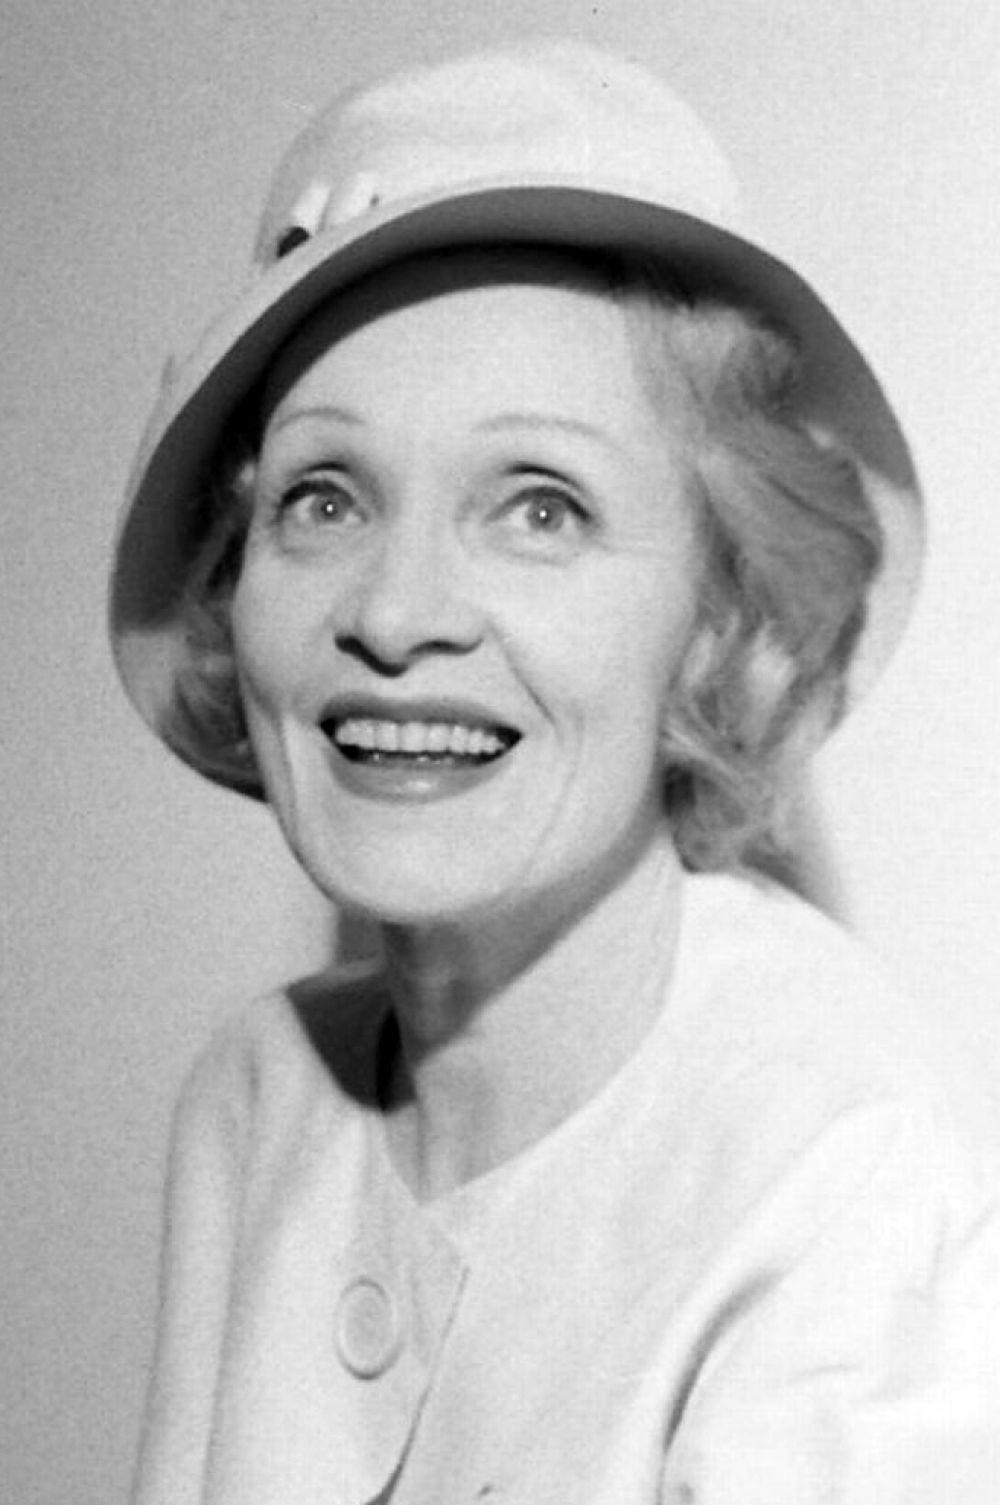 В 1975 году в результате несчастного случая в Сиднее Дитрих получила перелом шейки бедра и вынуждена была завершить карьеру. Тем не менее, она снялась в эпизодической роли в фильме «Прекрасный жиголо – бедный жиголо» с Дэвидом Боуи.